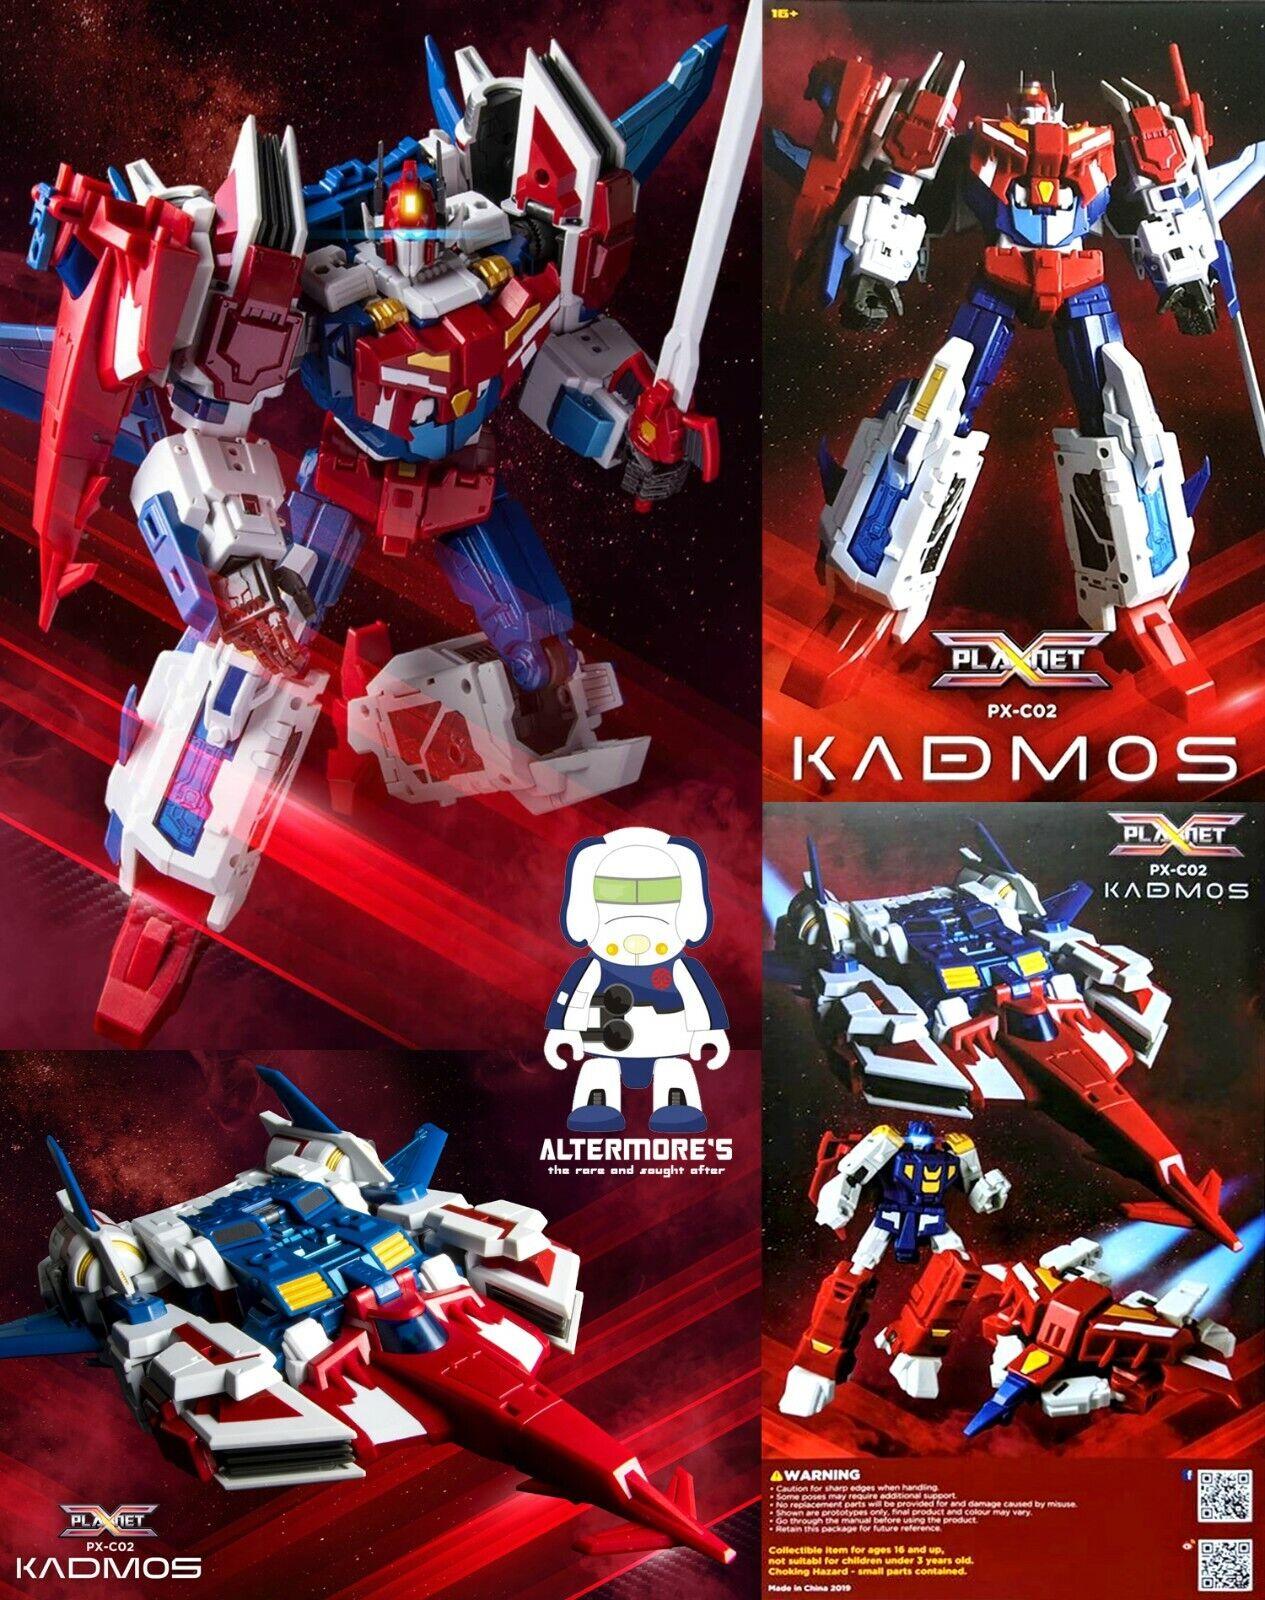 Transformers Masterpiece Planet X PX-C02 Kadmos aka IDW Starsaber Brand new